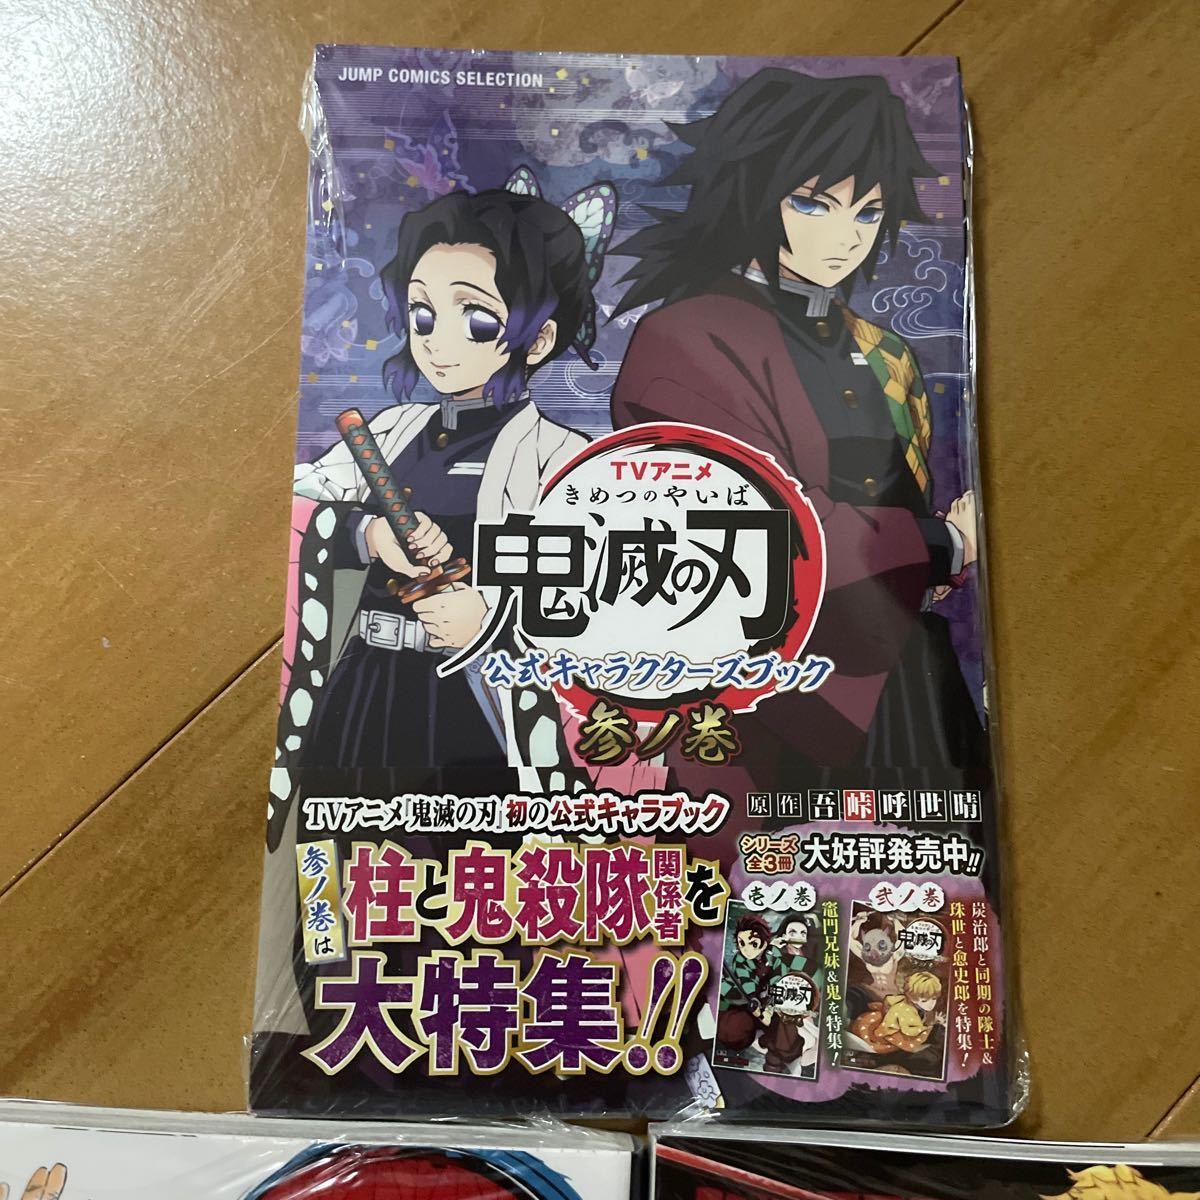 鬼滅の刃 コミック 漫画 23巻 外伝 キャラクターズブック